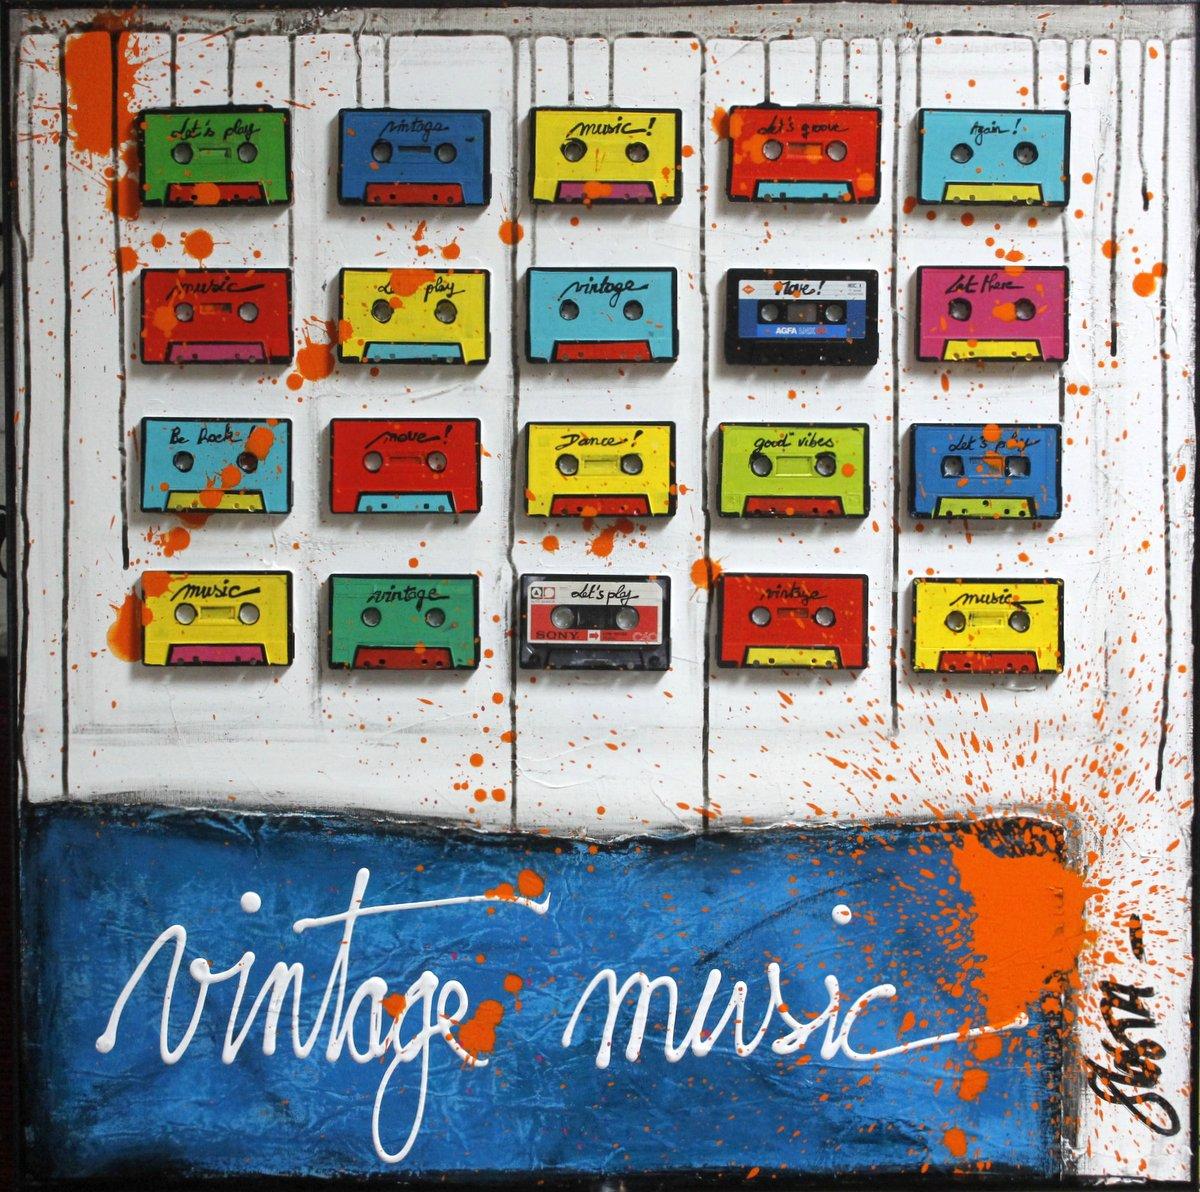 collage, cassettes audio, multicolore, music Tableau Contemporain, Vintage Music. Sophie Costa, artiste peintre.